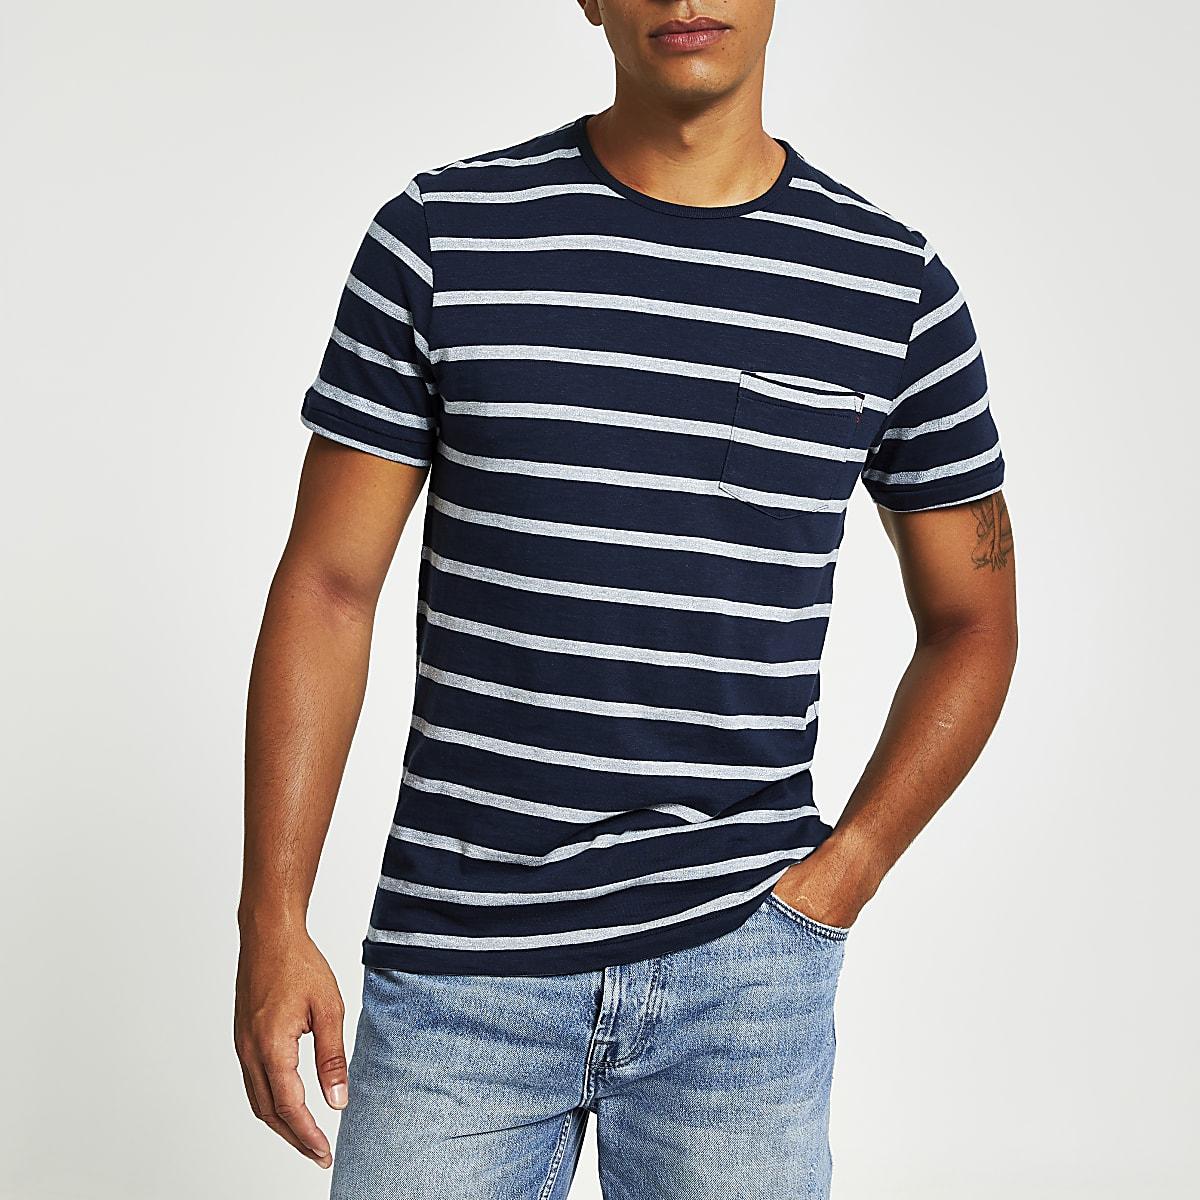 Jack and Jones - Blauw T-shirt met strepen